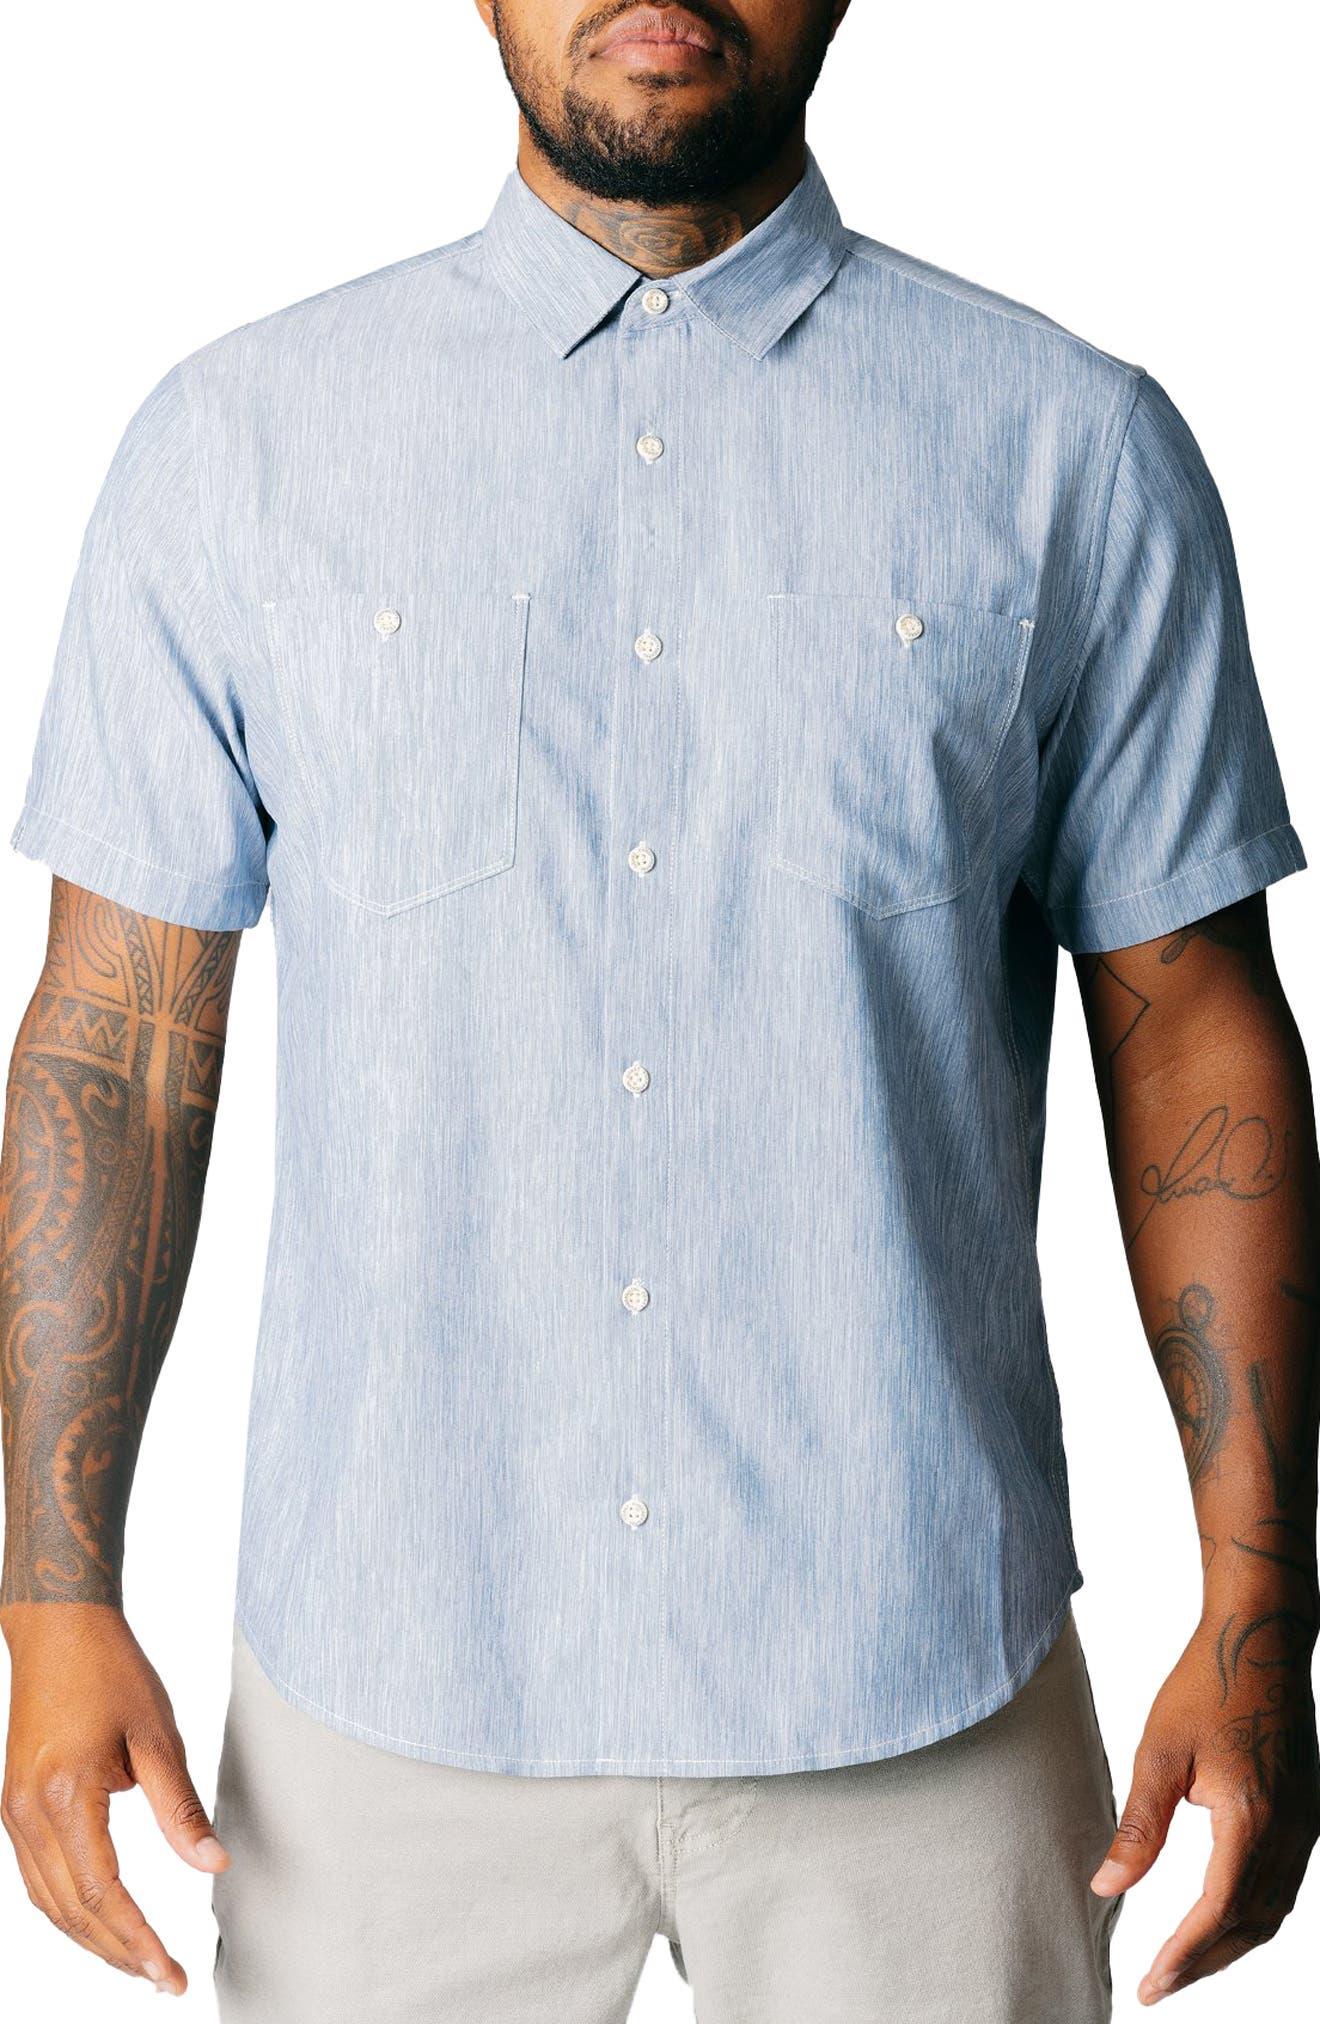 Blue Fin Short Sleeve Button-Up Shirt